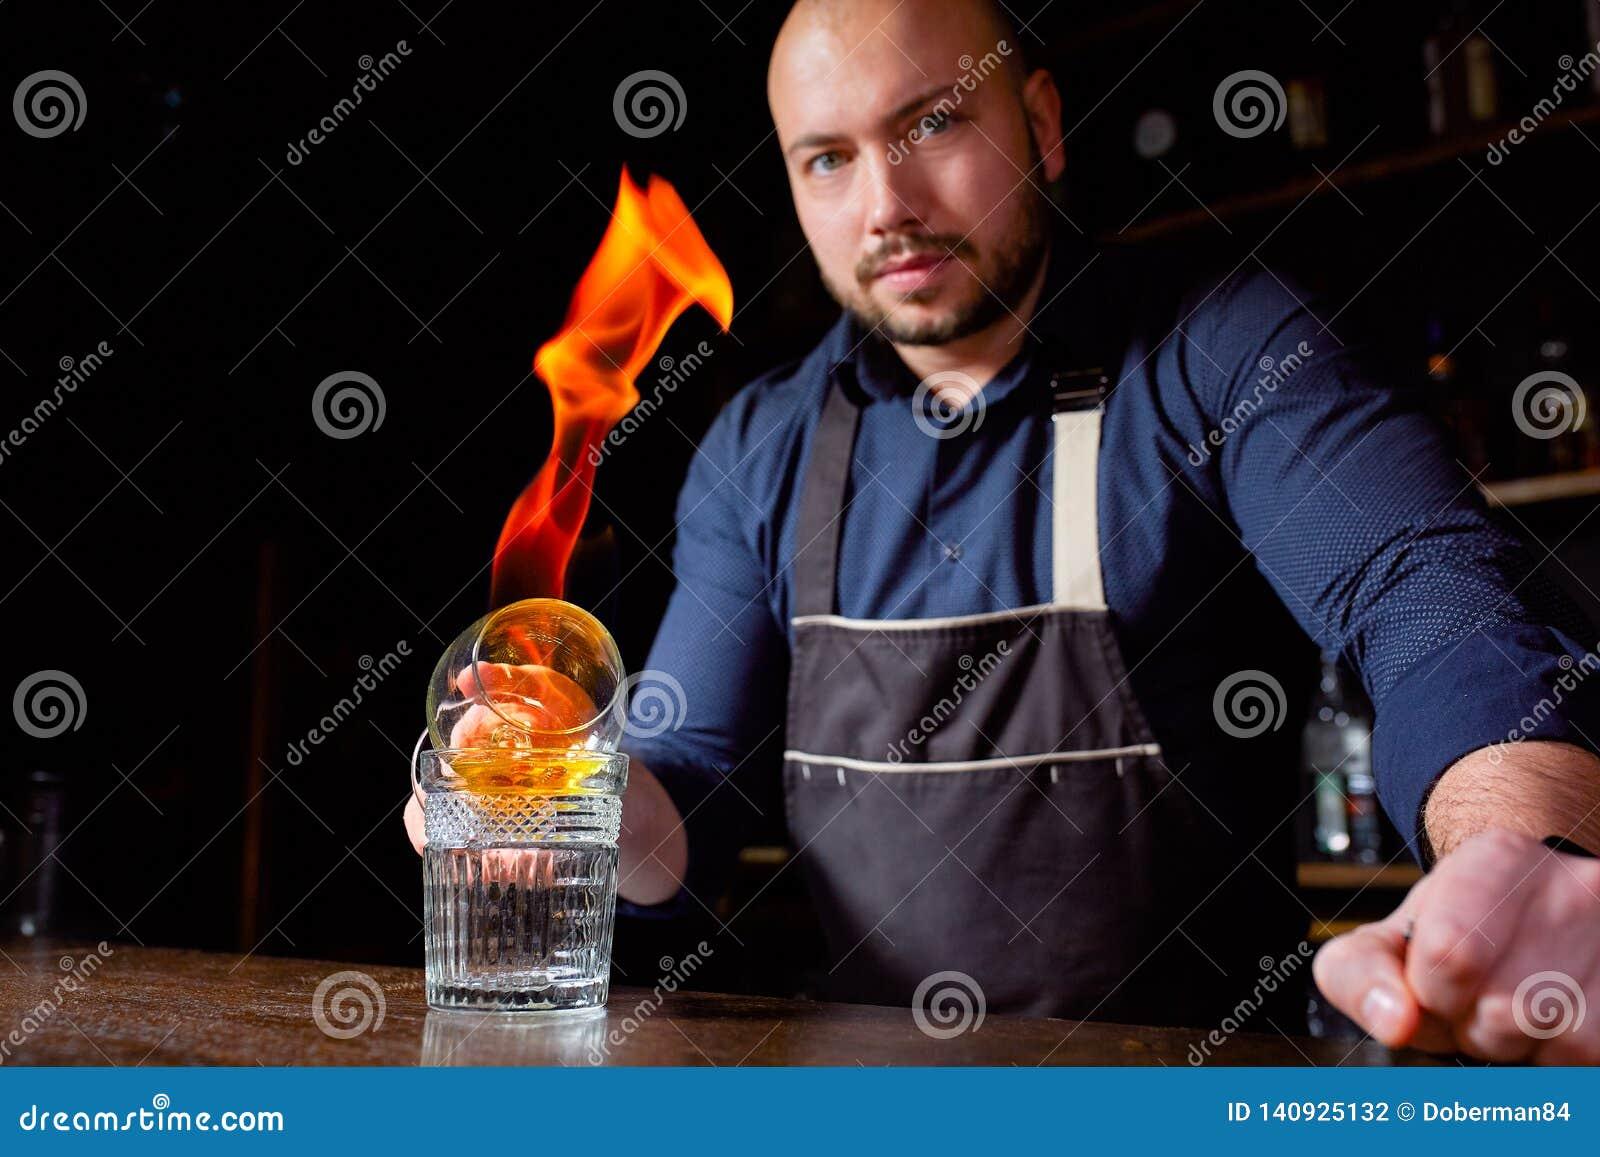 Brännhet show på stången Bartendern gör den varma alkoholiserade coctailen och antänder stången Bartendern förbereder en brännhet